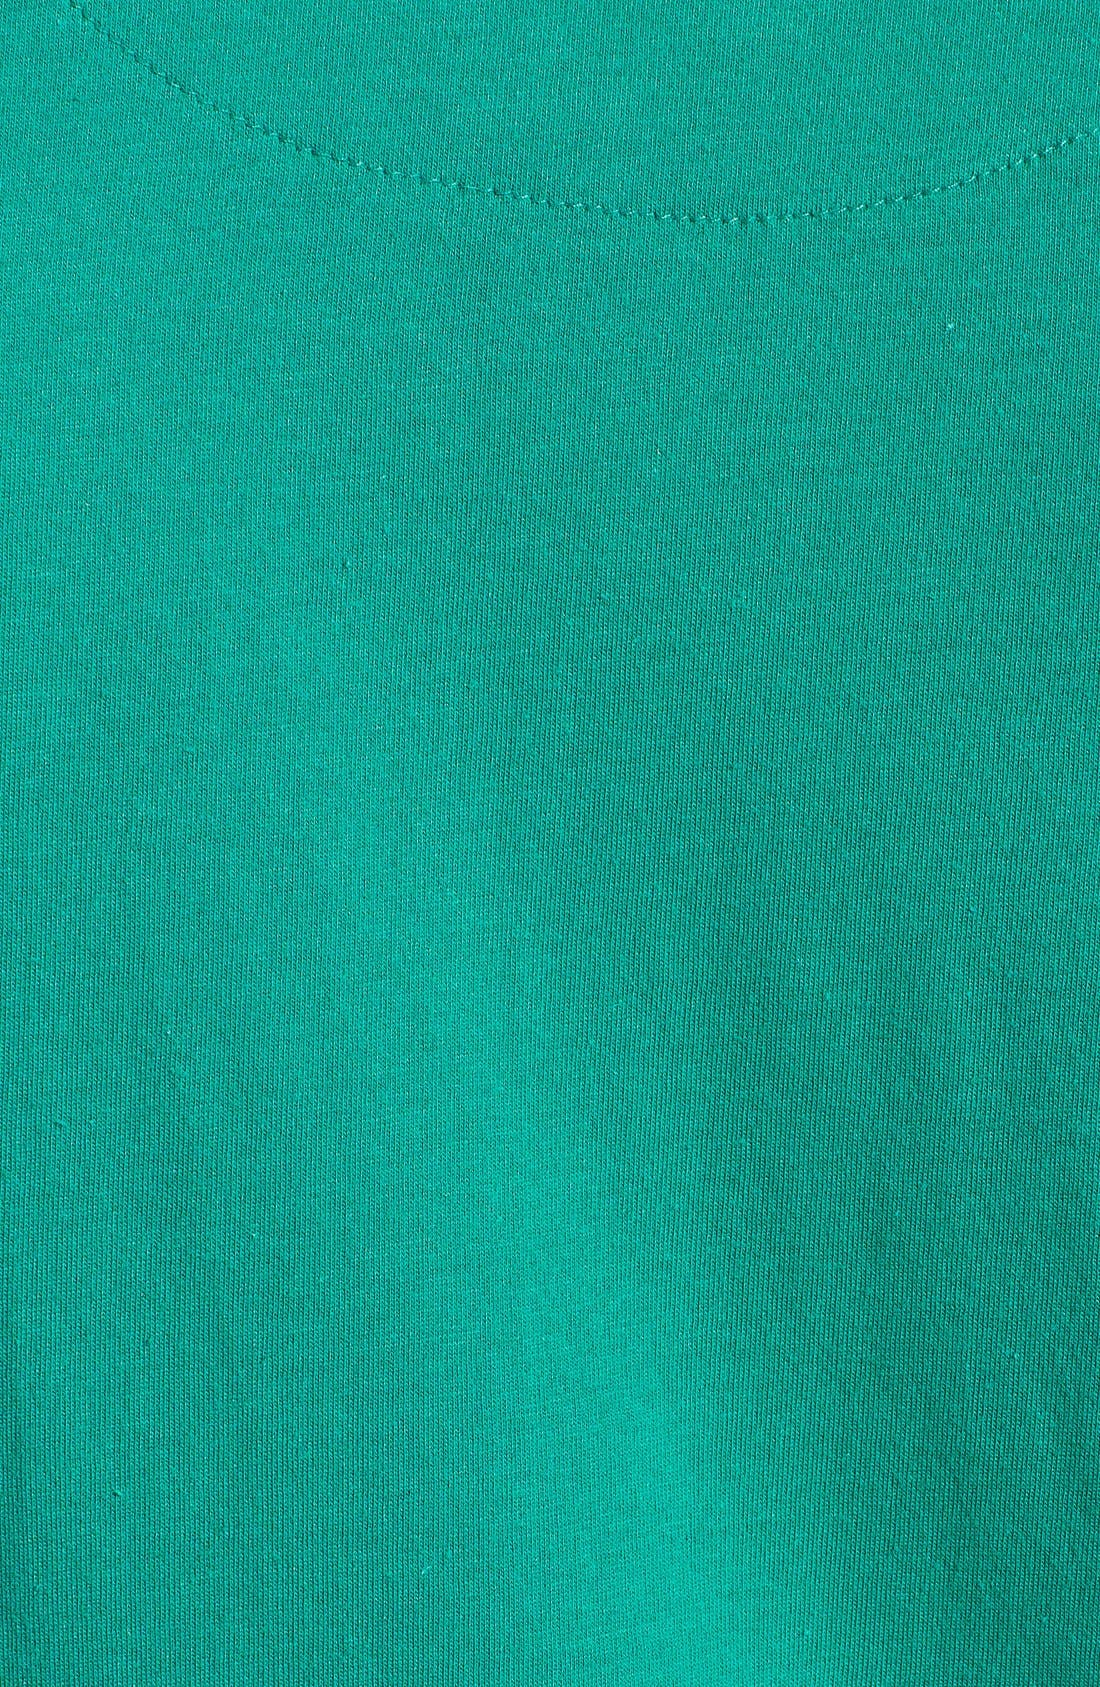 Alternate Image 3  - Mitchell & Ness 'Seattle Supersonics' T-Shirt